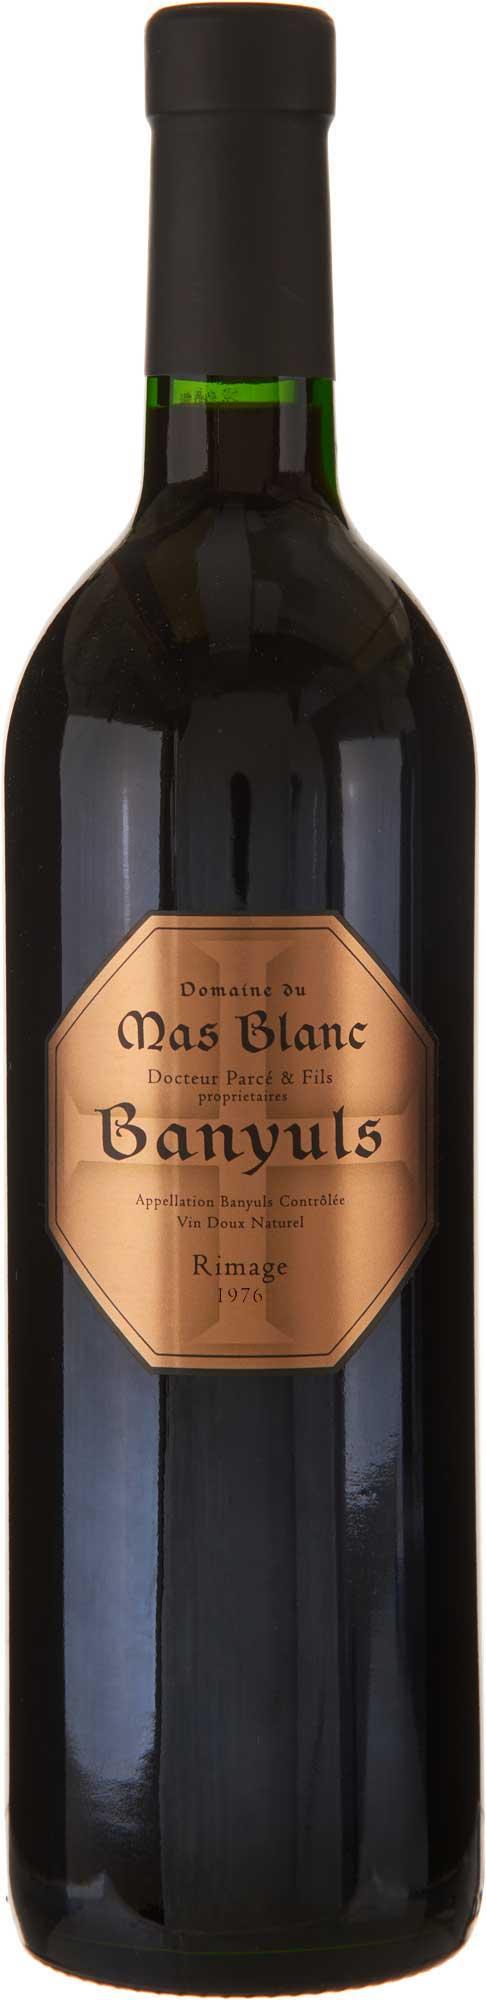 Domaine du Mas Blanc Banyuls Rimage 1976